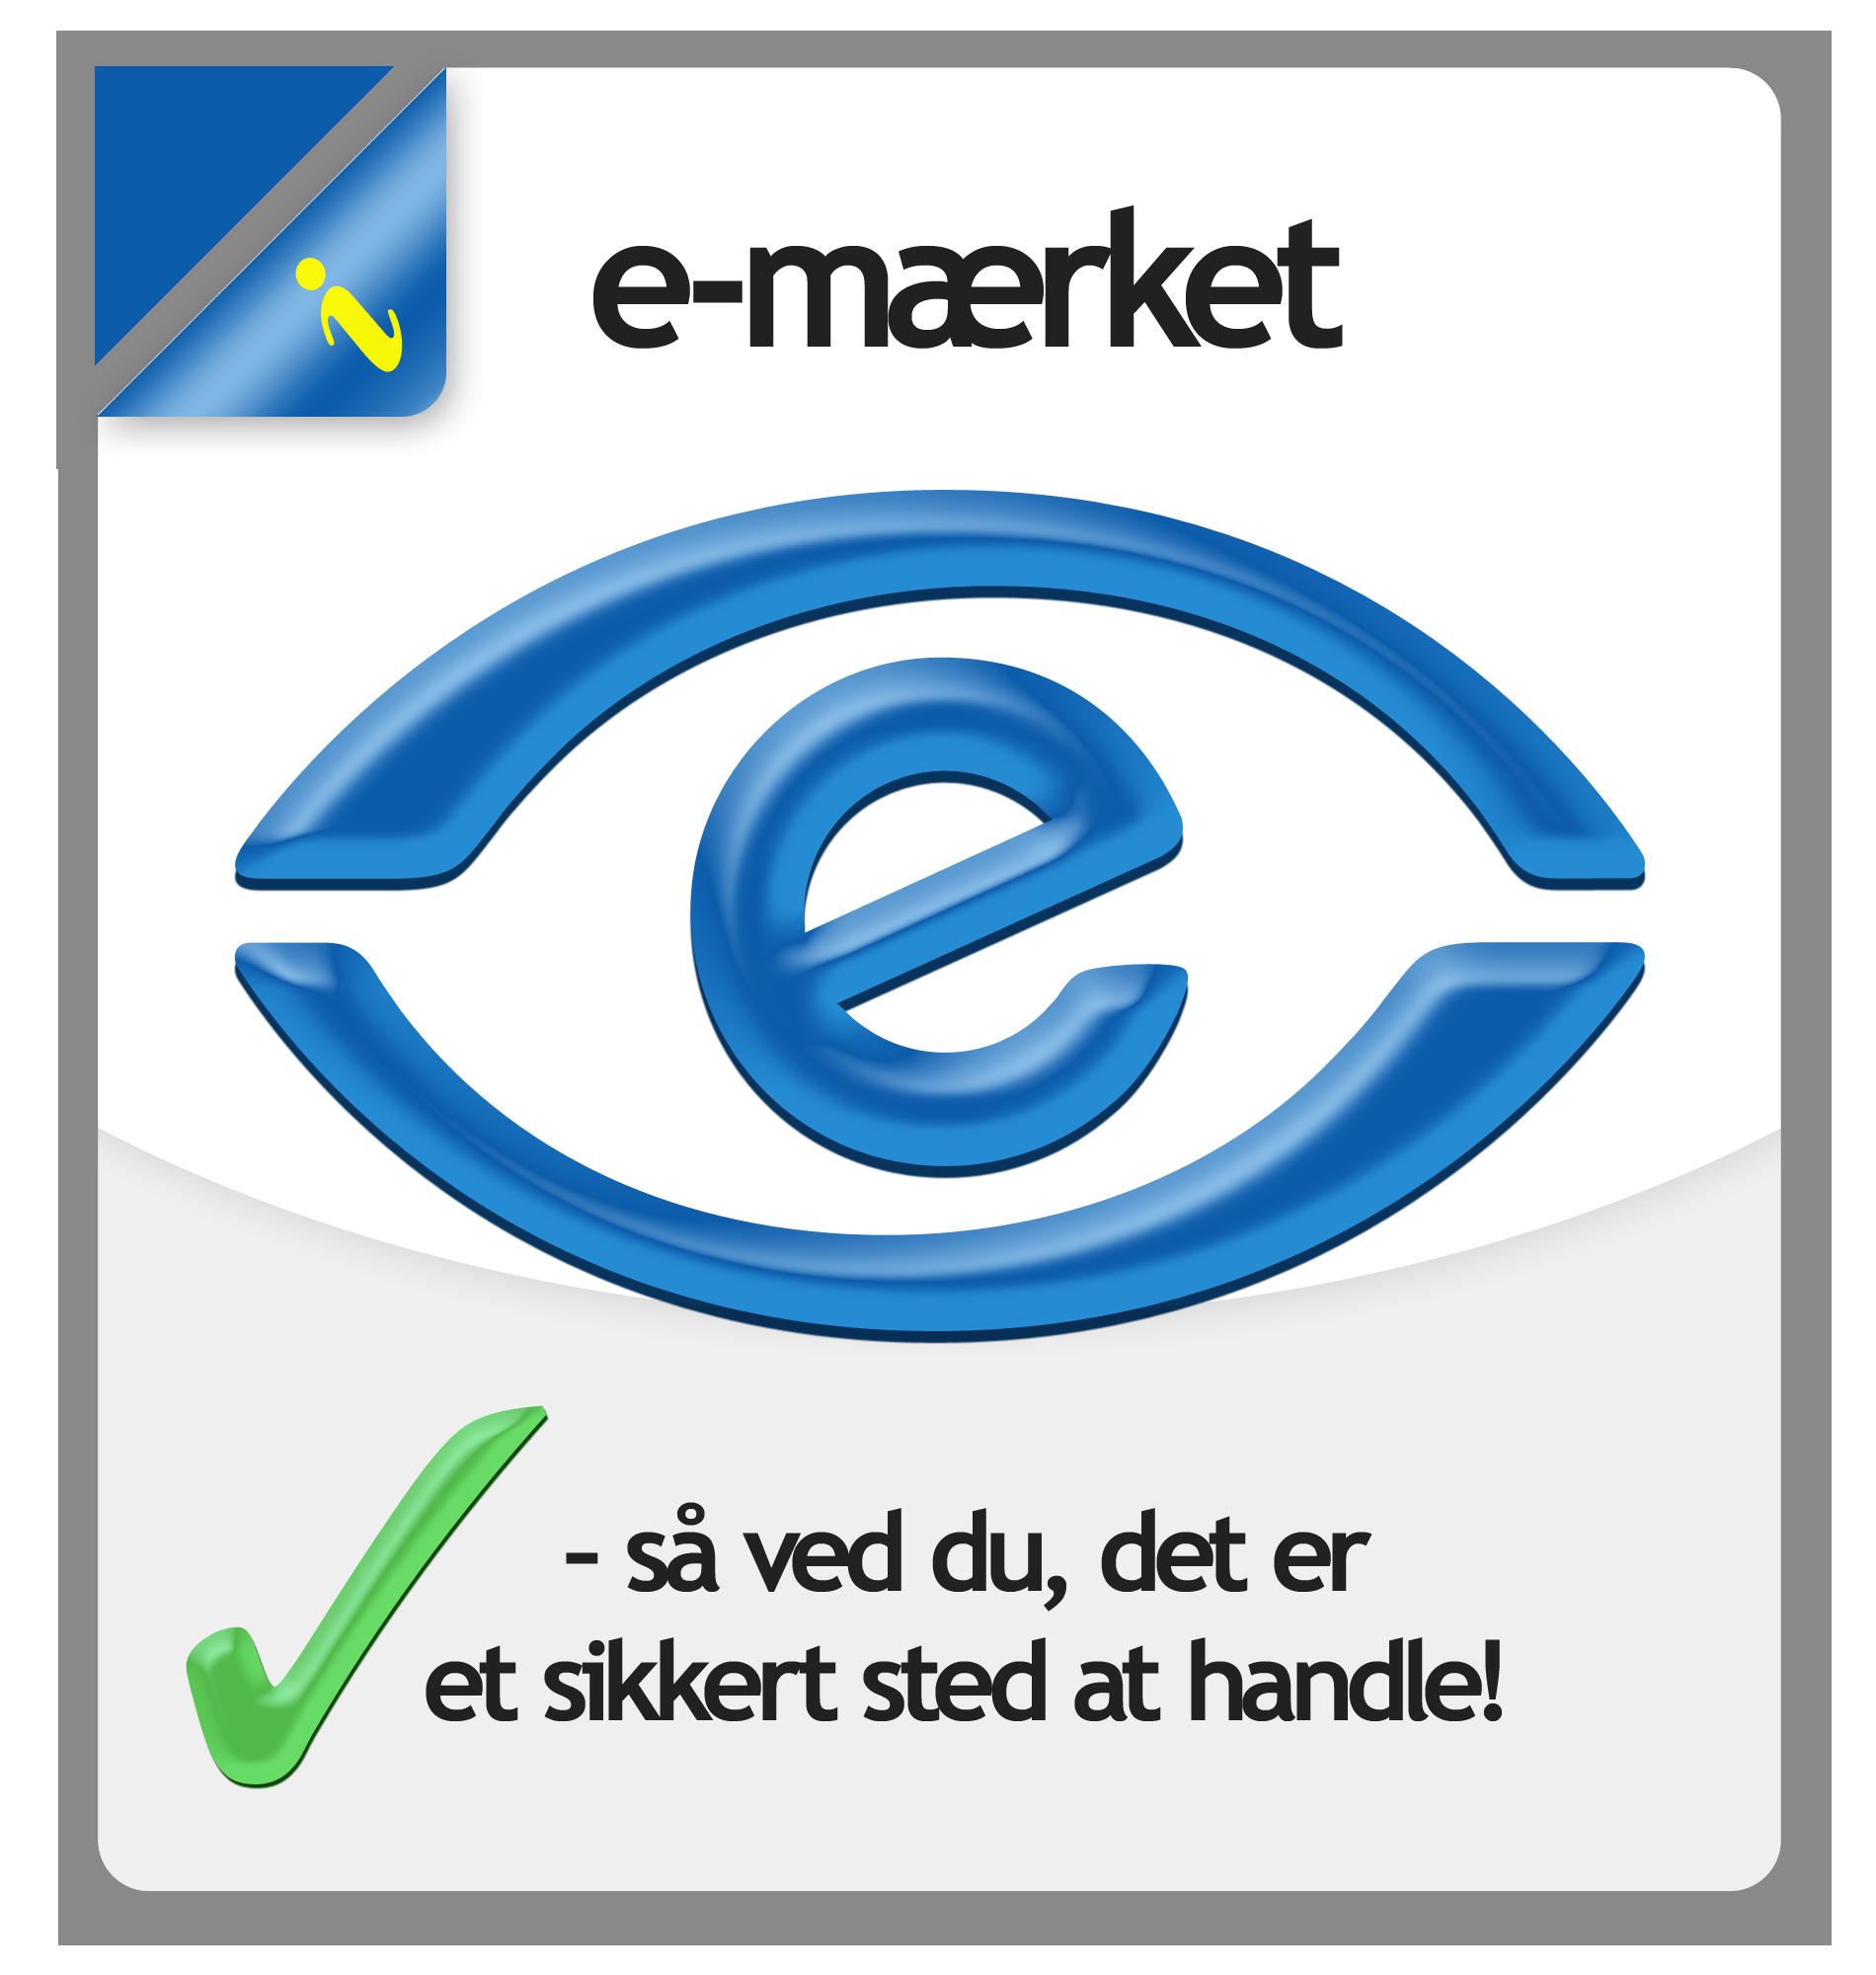 E-mærket priser